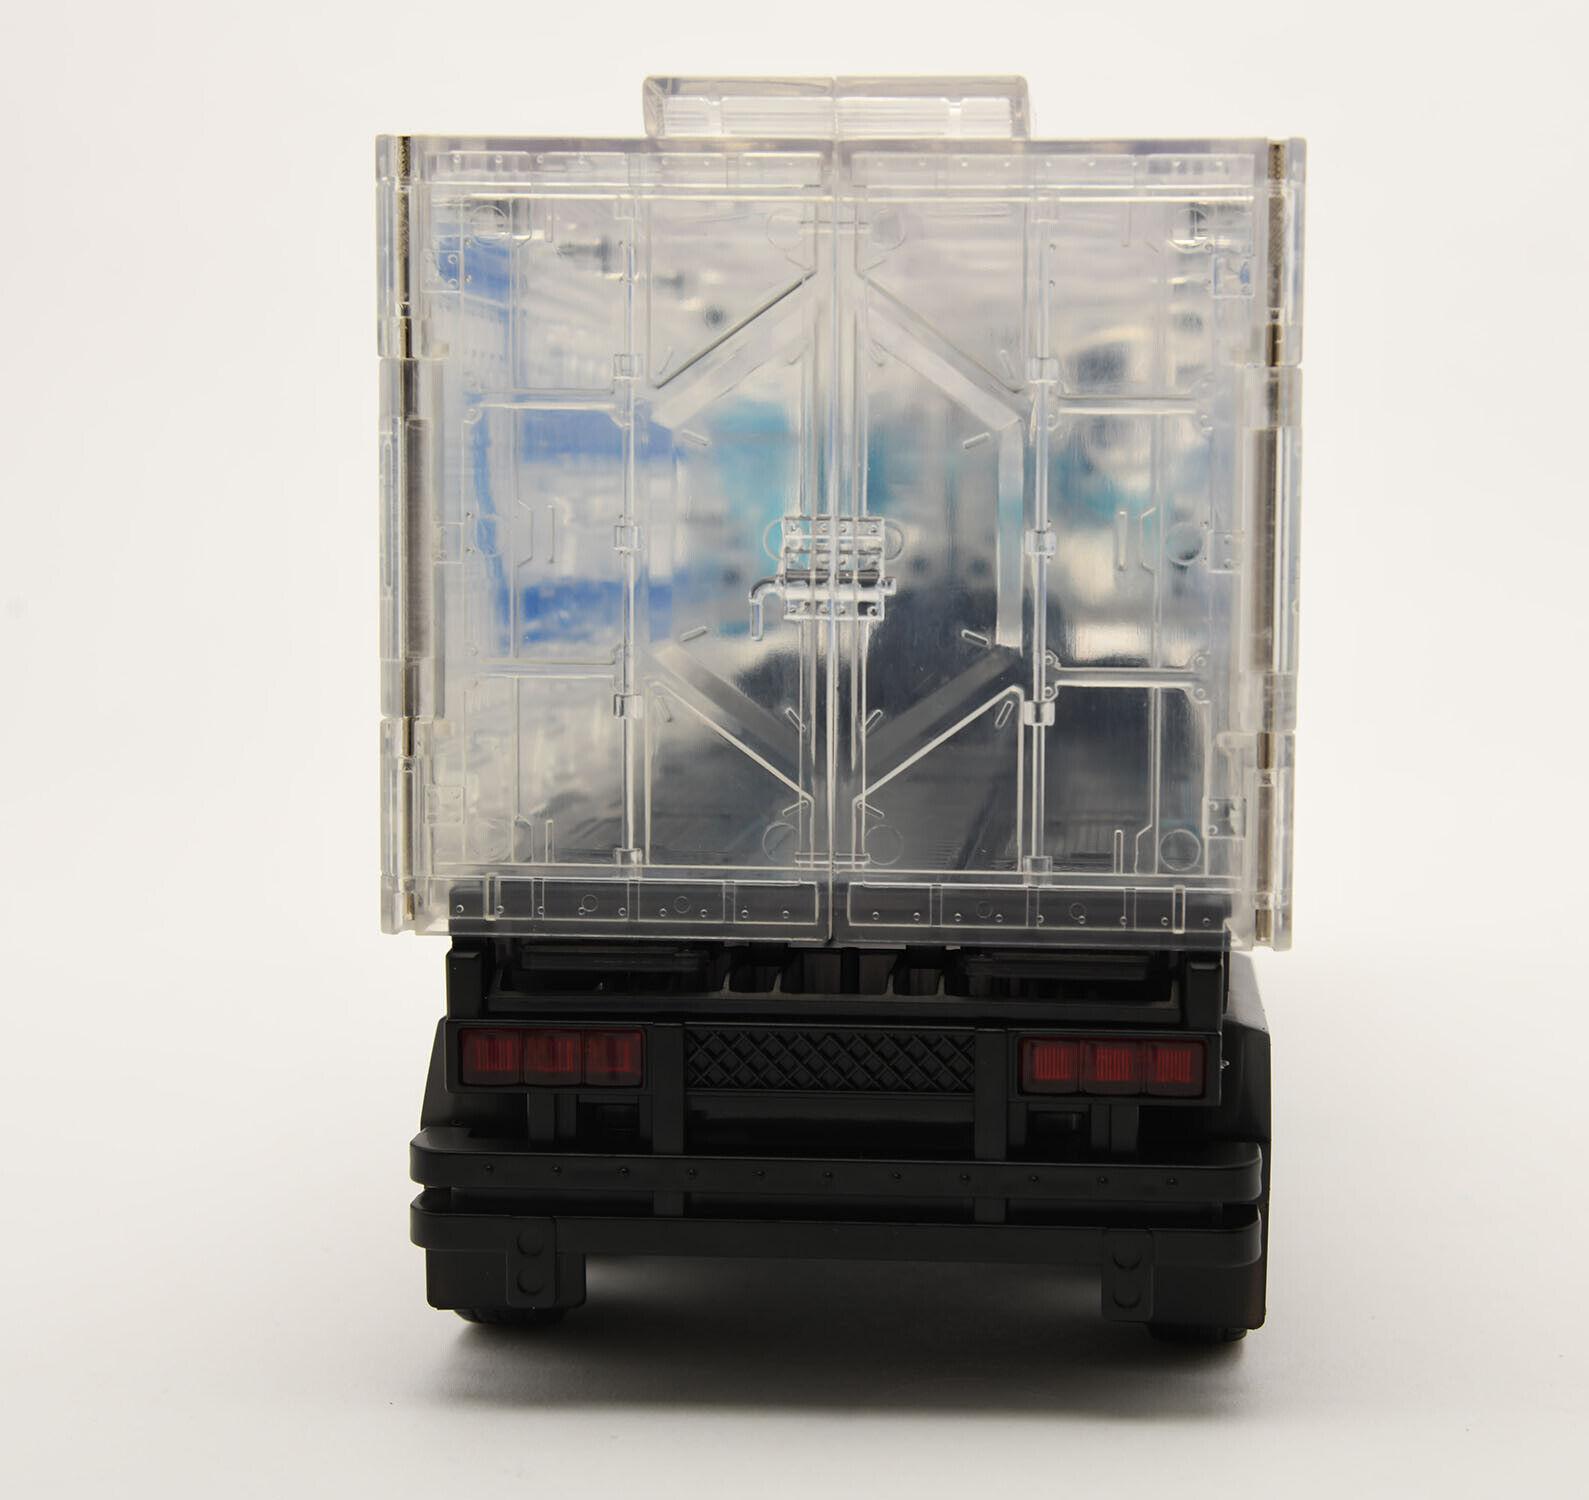 Transformers Optimus Prime MPP10 WEIJIANG Transparent Trailer Trailer Trailer OP Hobbies Toys d94dba